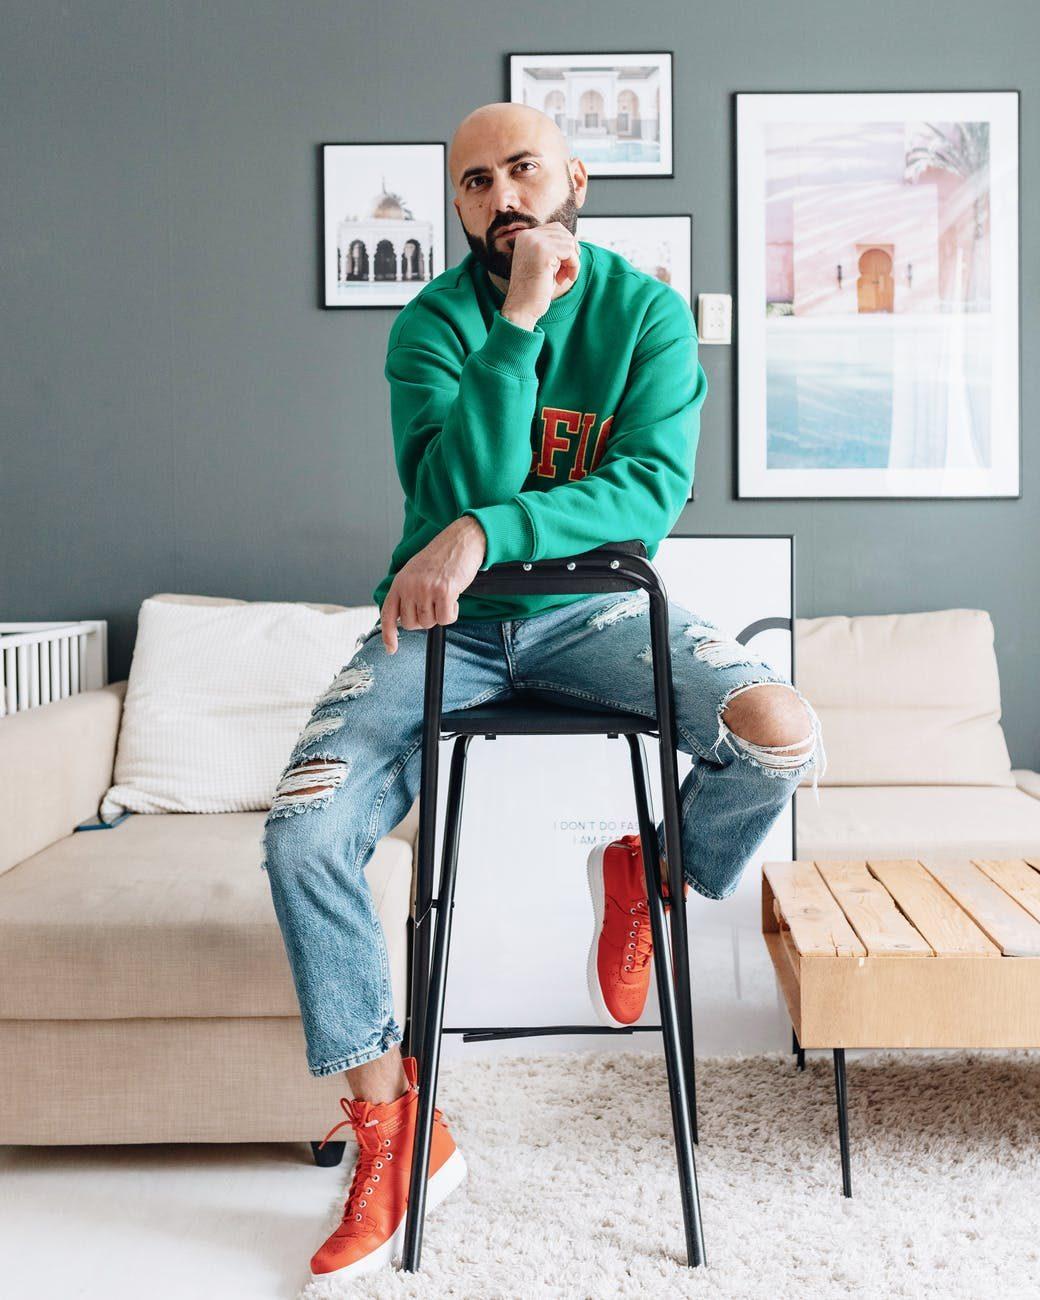 holohlavý muž na stoličke